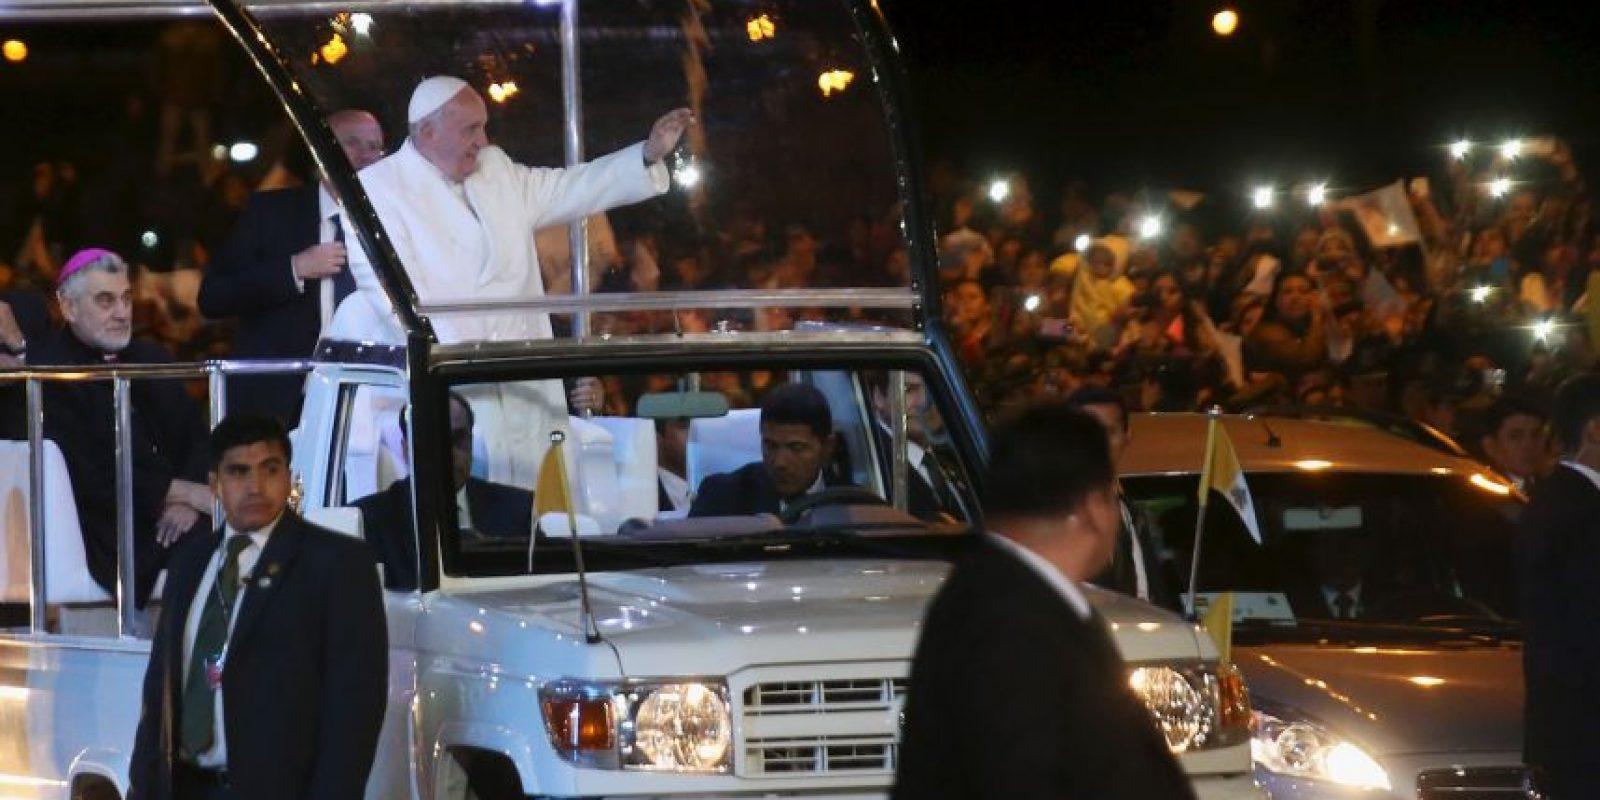 El anunció se produjo tan solo unas cuantas semanas antes de que el papa visite Cuba y Estados Unidos. Foto:Getty Images